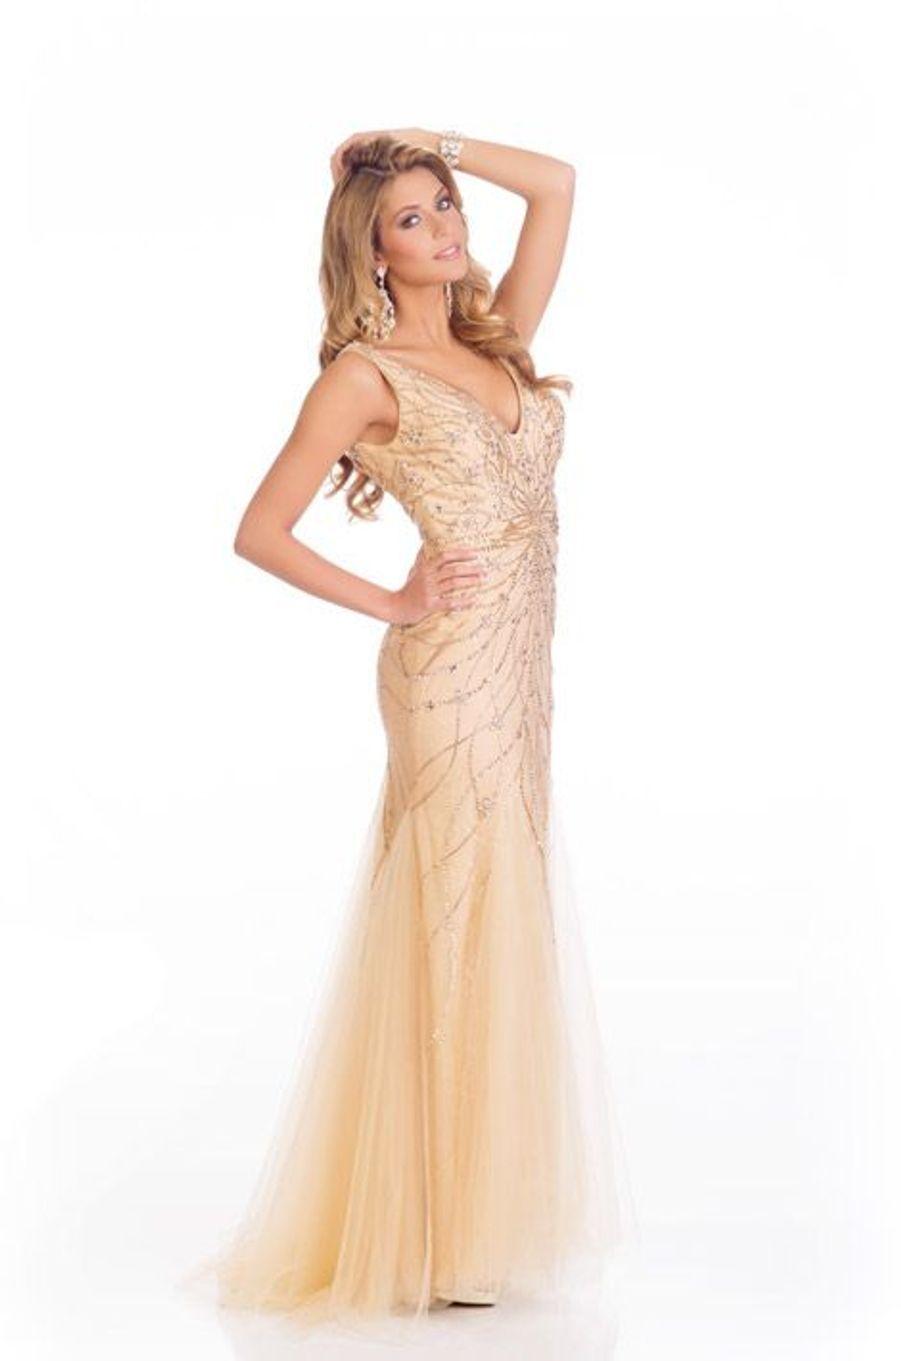 En robe de soirée couture pendant les derniers préparatifs de l'élction de Miss Univers à Miami, le 7 janvier 2015